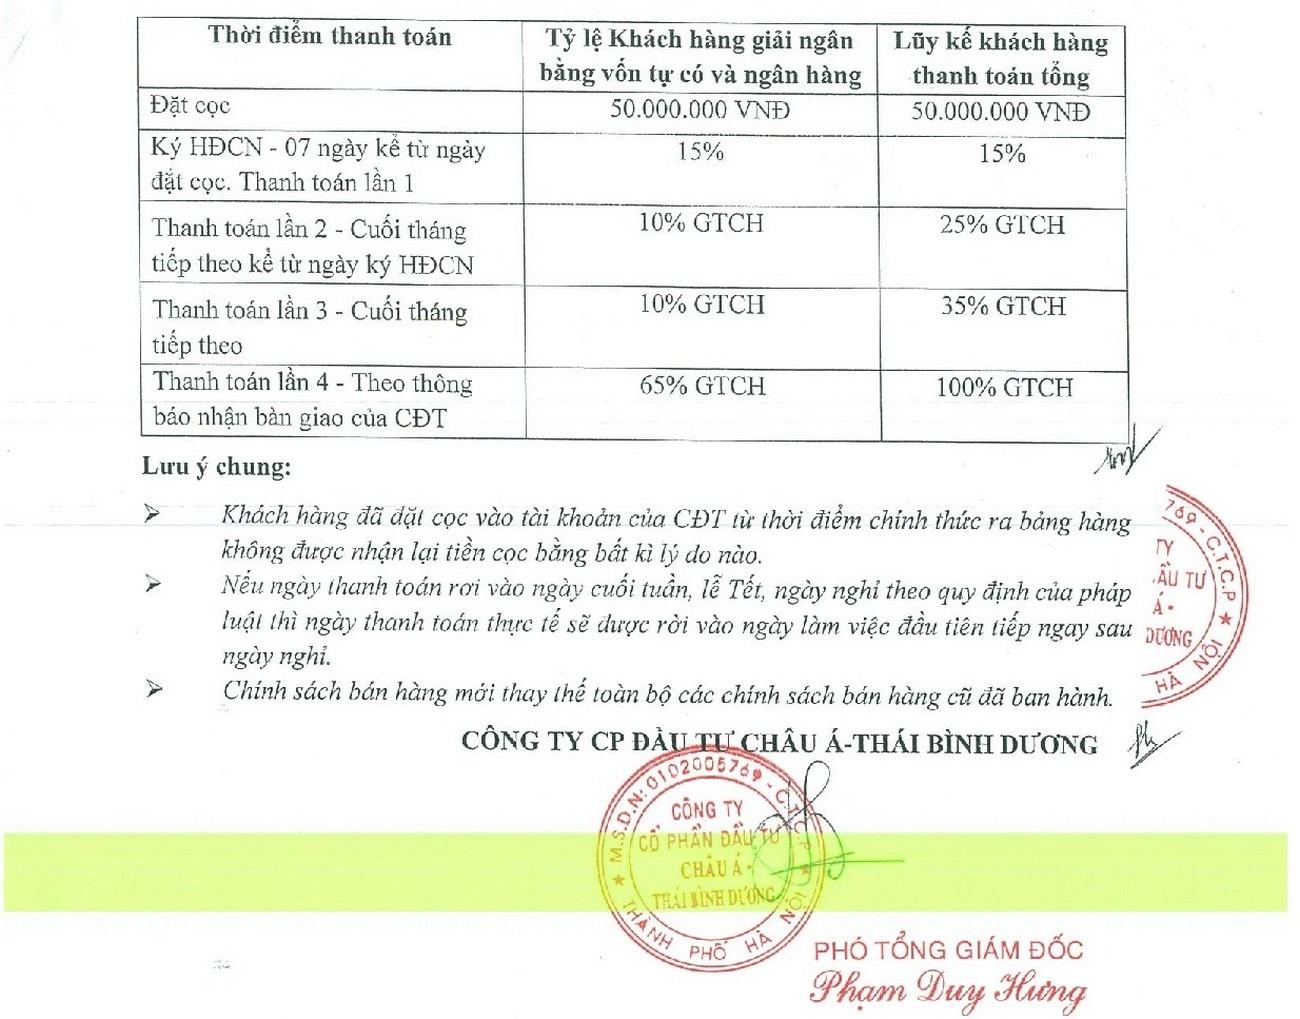 Phương thức thanh toán dự án căn hộ condotel Apec Mandala Wyndham Phú Yên chủ đầu tư Apec